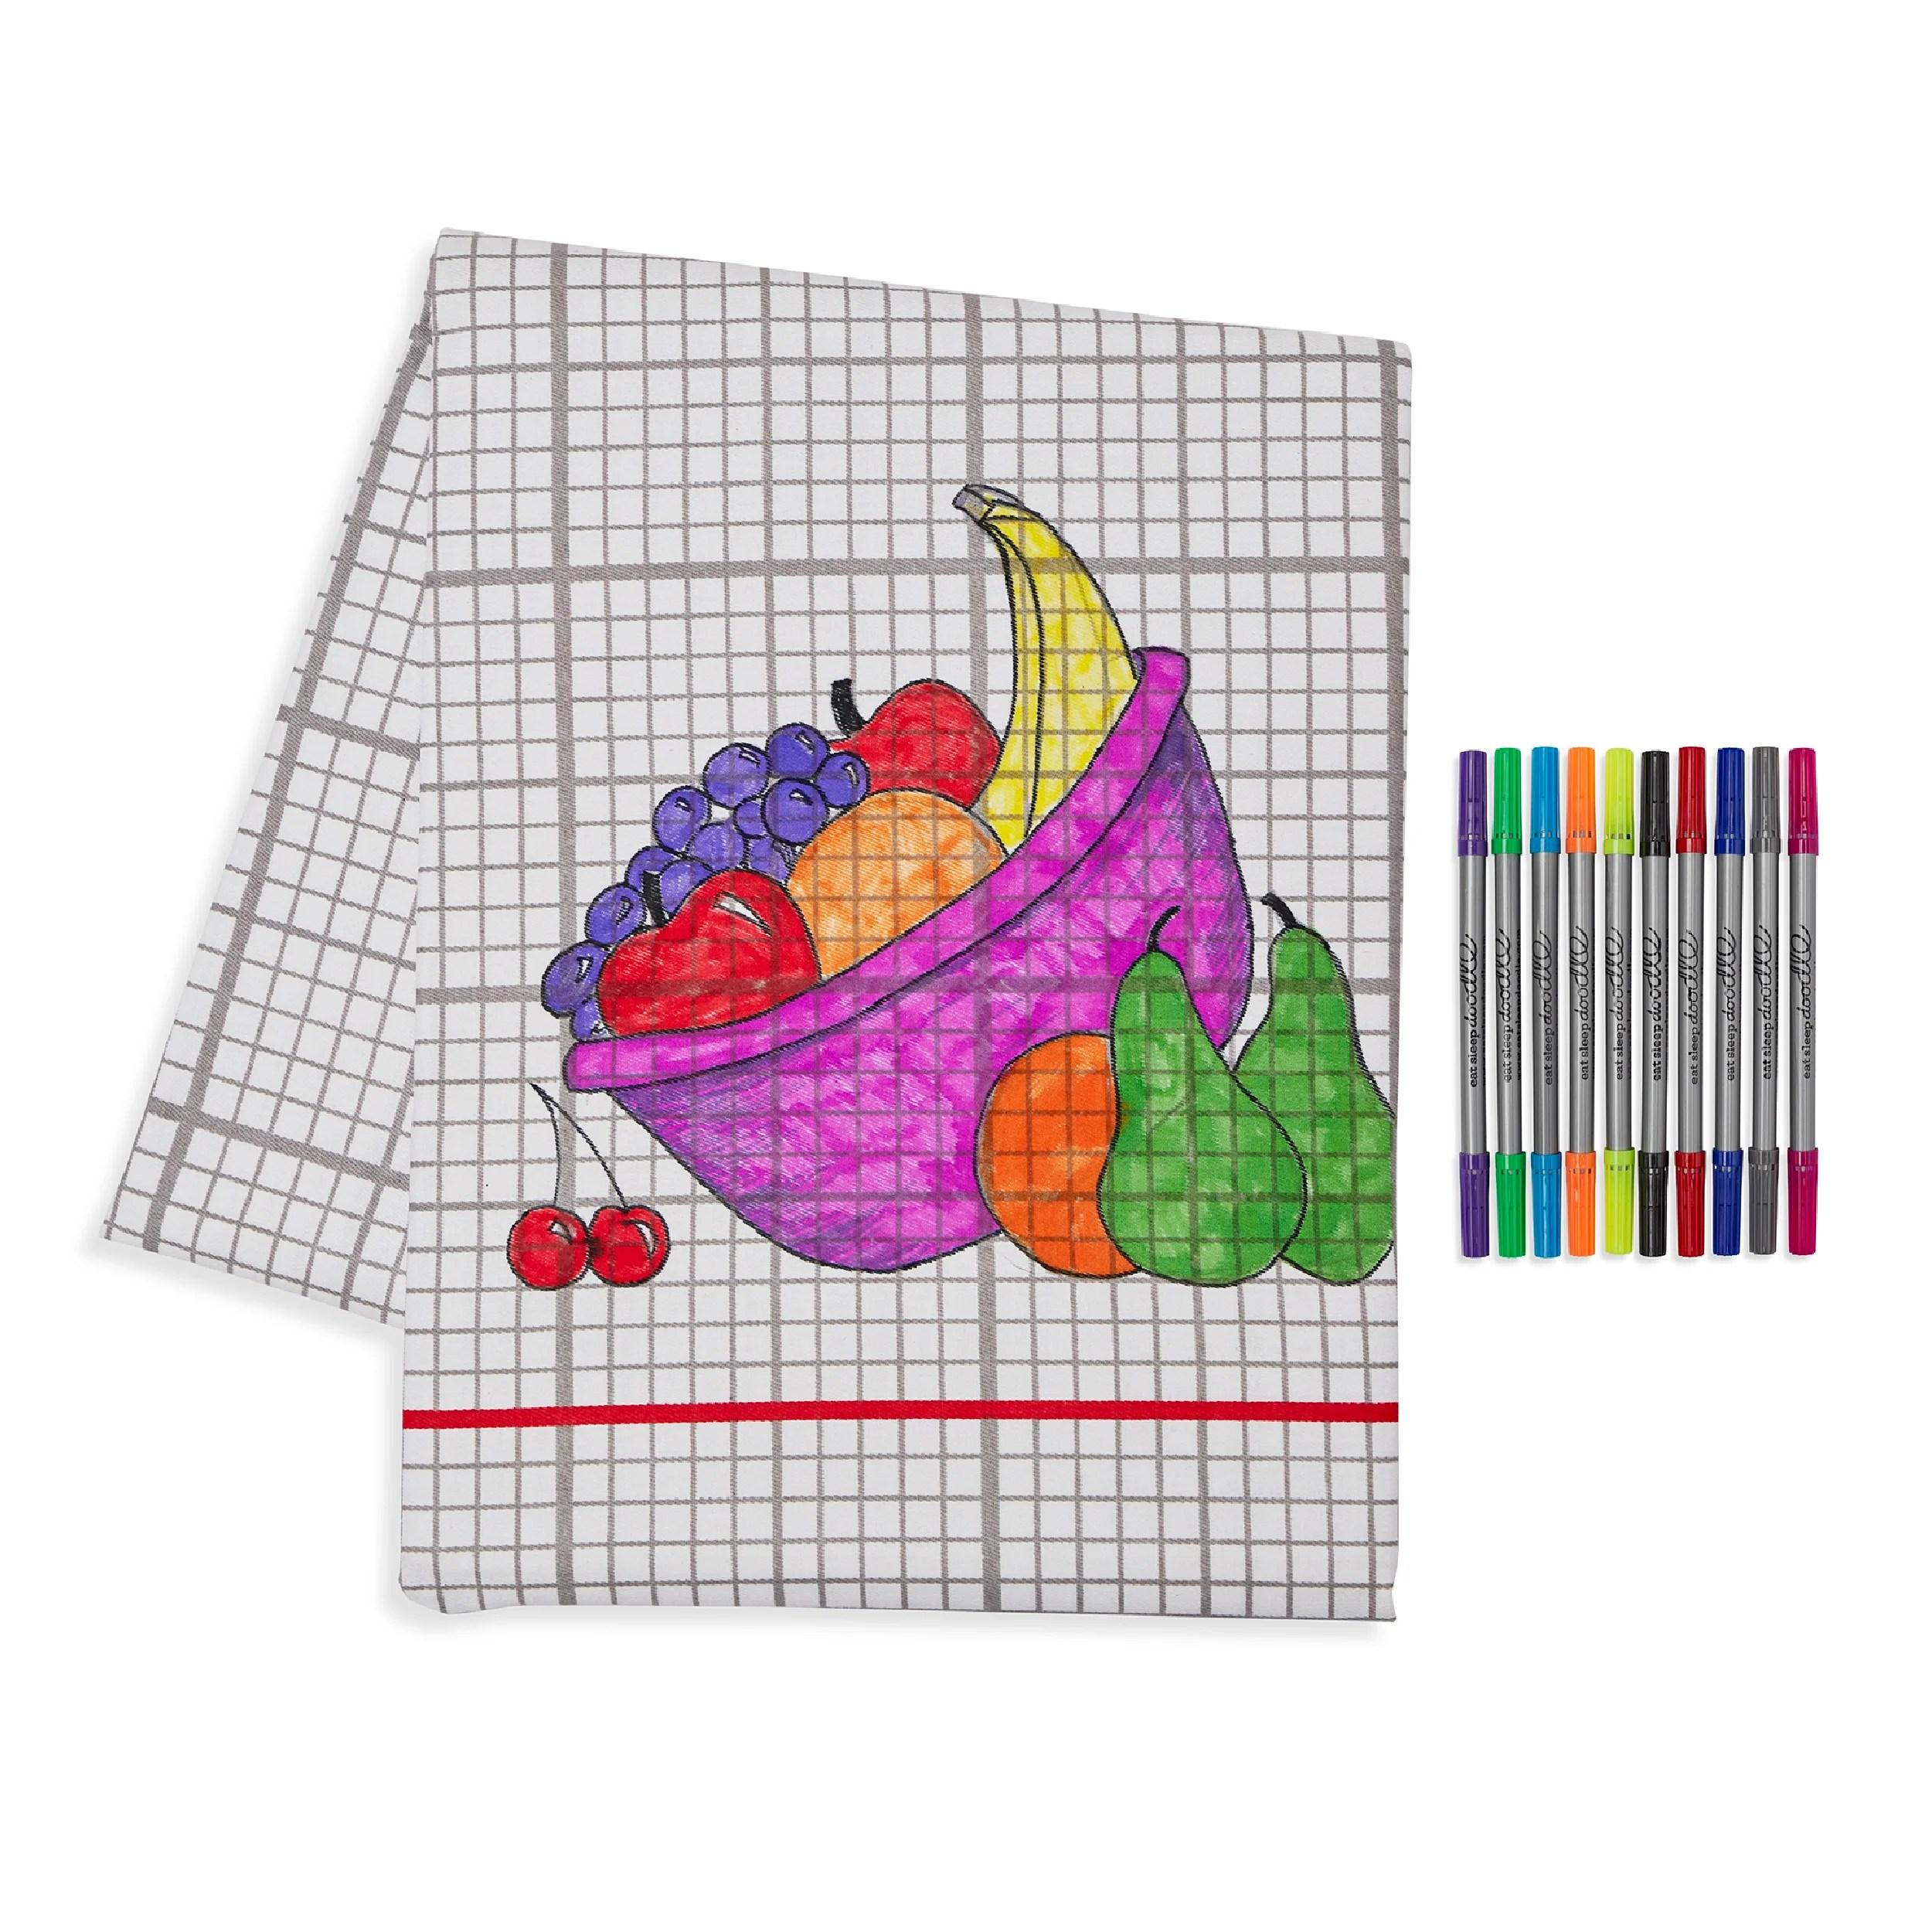 Eatsleepdoodle | Unique Gifts To Personalize – Eatsleepdoodle (Usa)